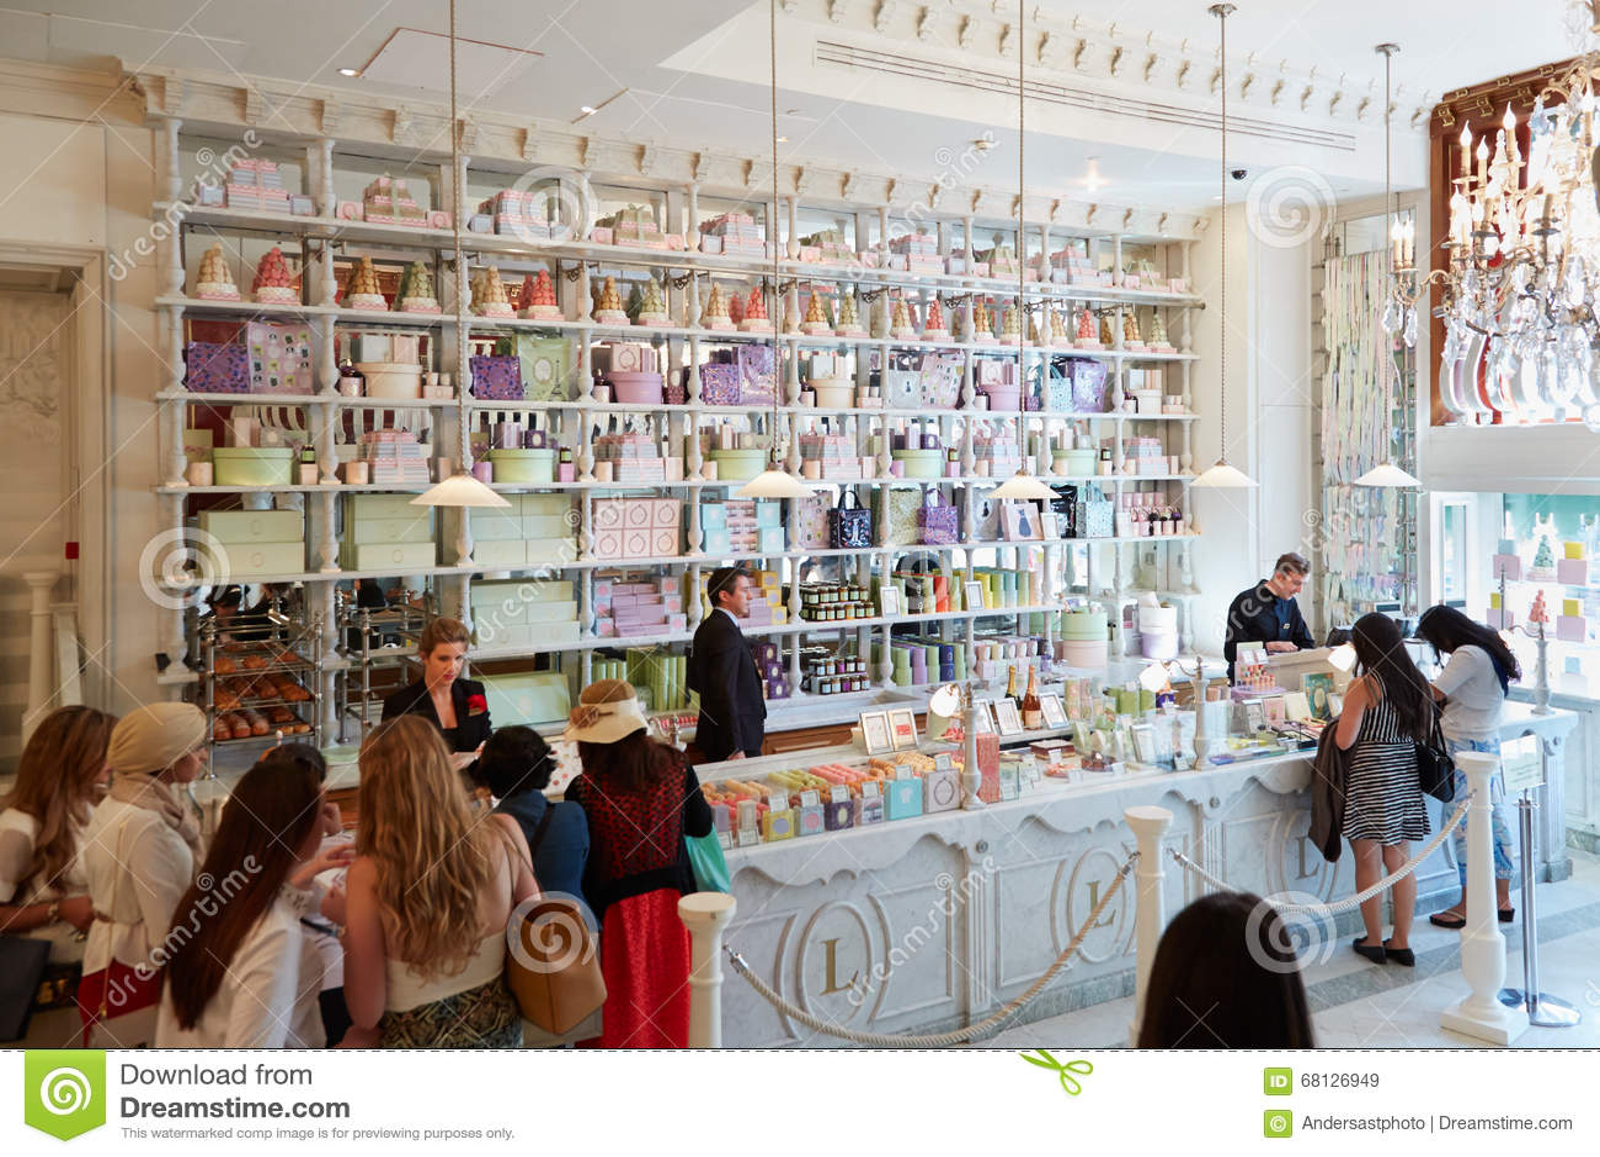 Laduree Shop Interior In Harrods Department Store In London ...